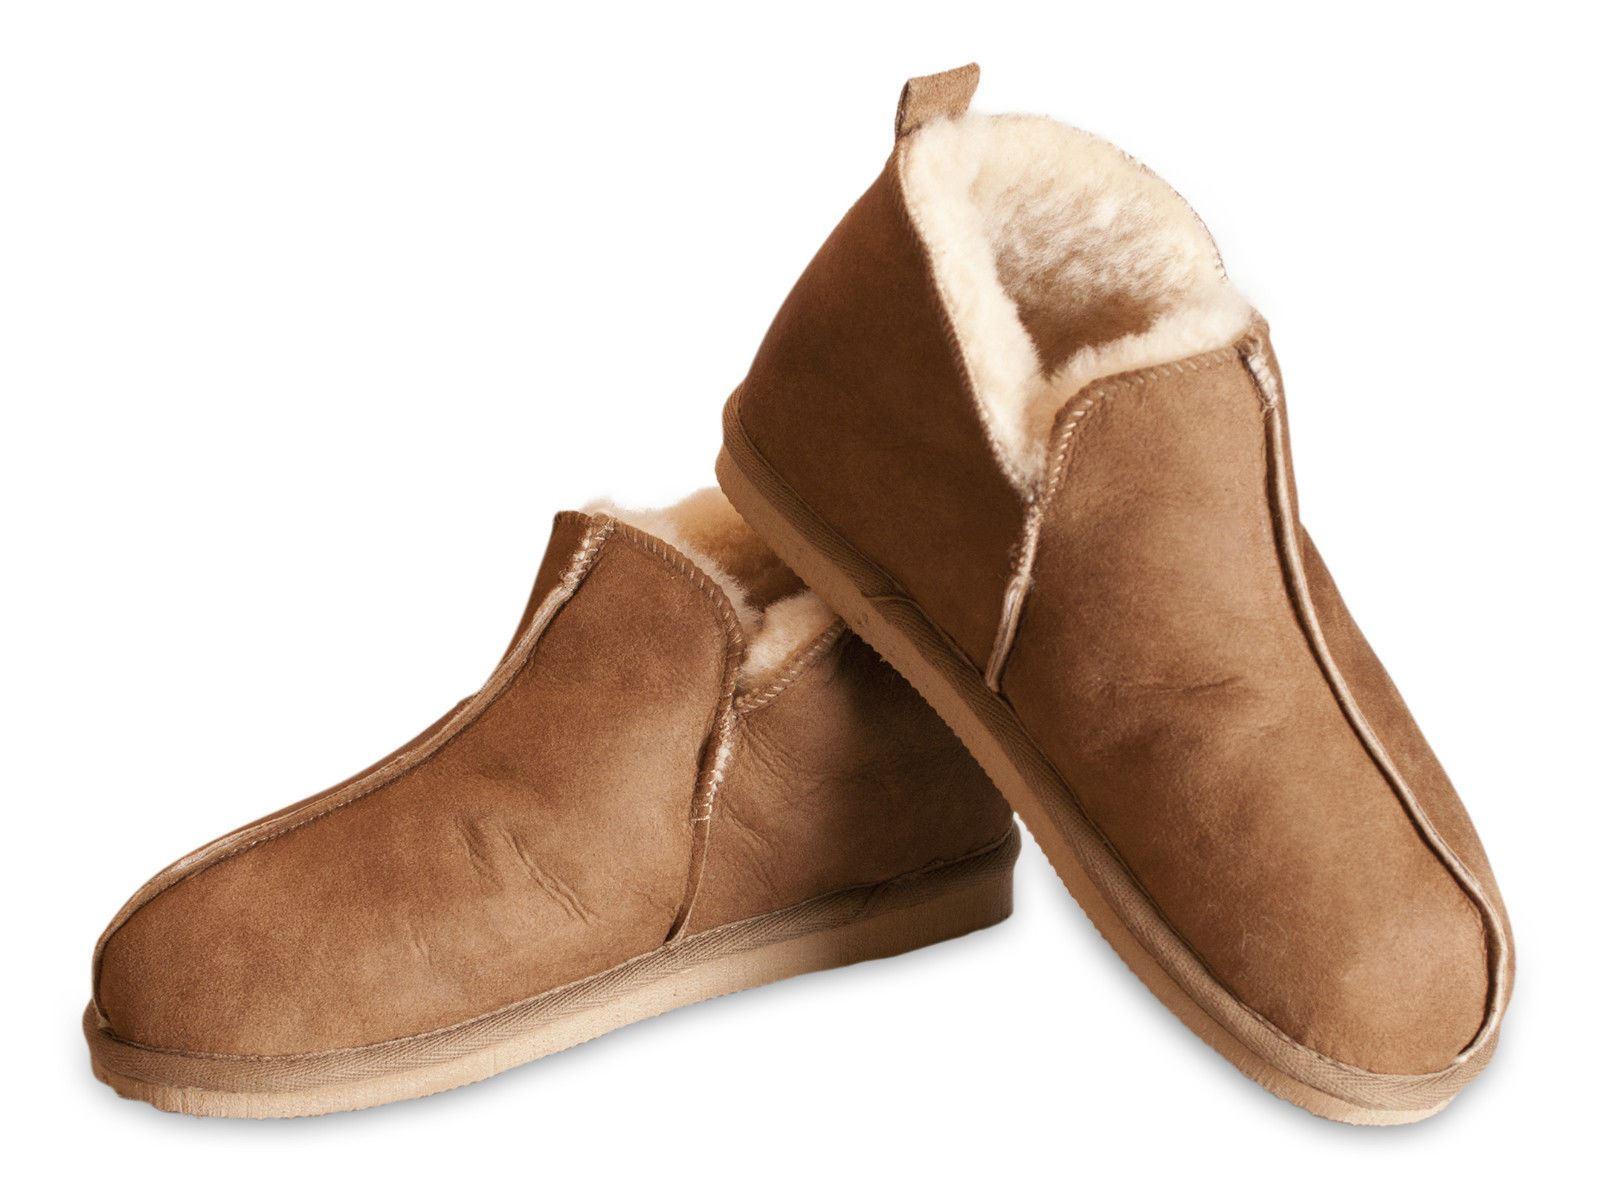 Zapatillas estar por casa hombre shepherd 100 piel oveja suela dura anton 4921 ebay - Zapatillas para casa ...